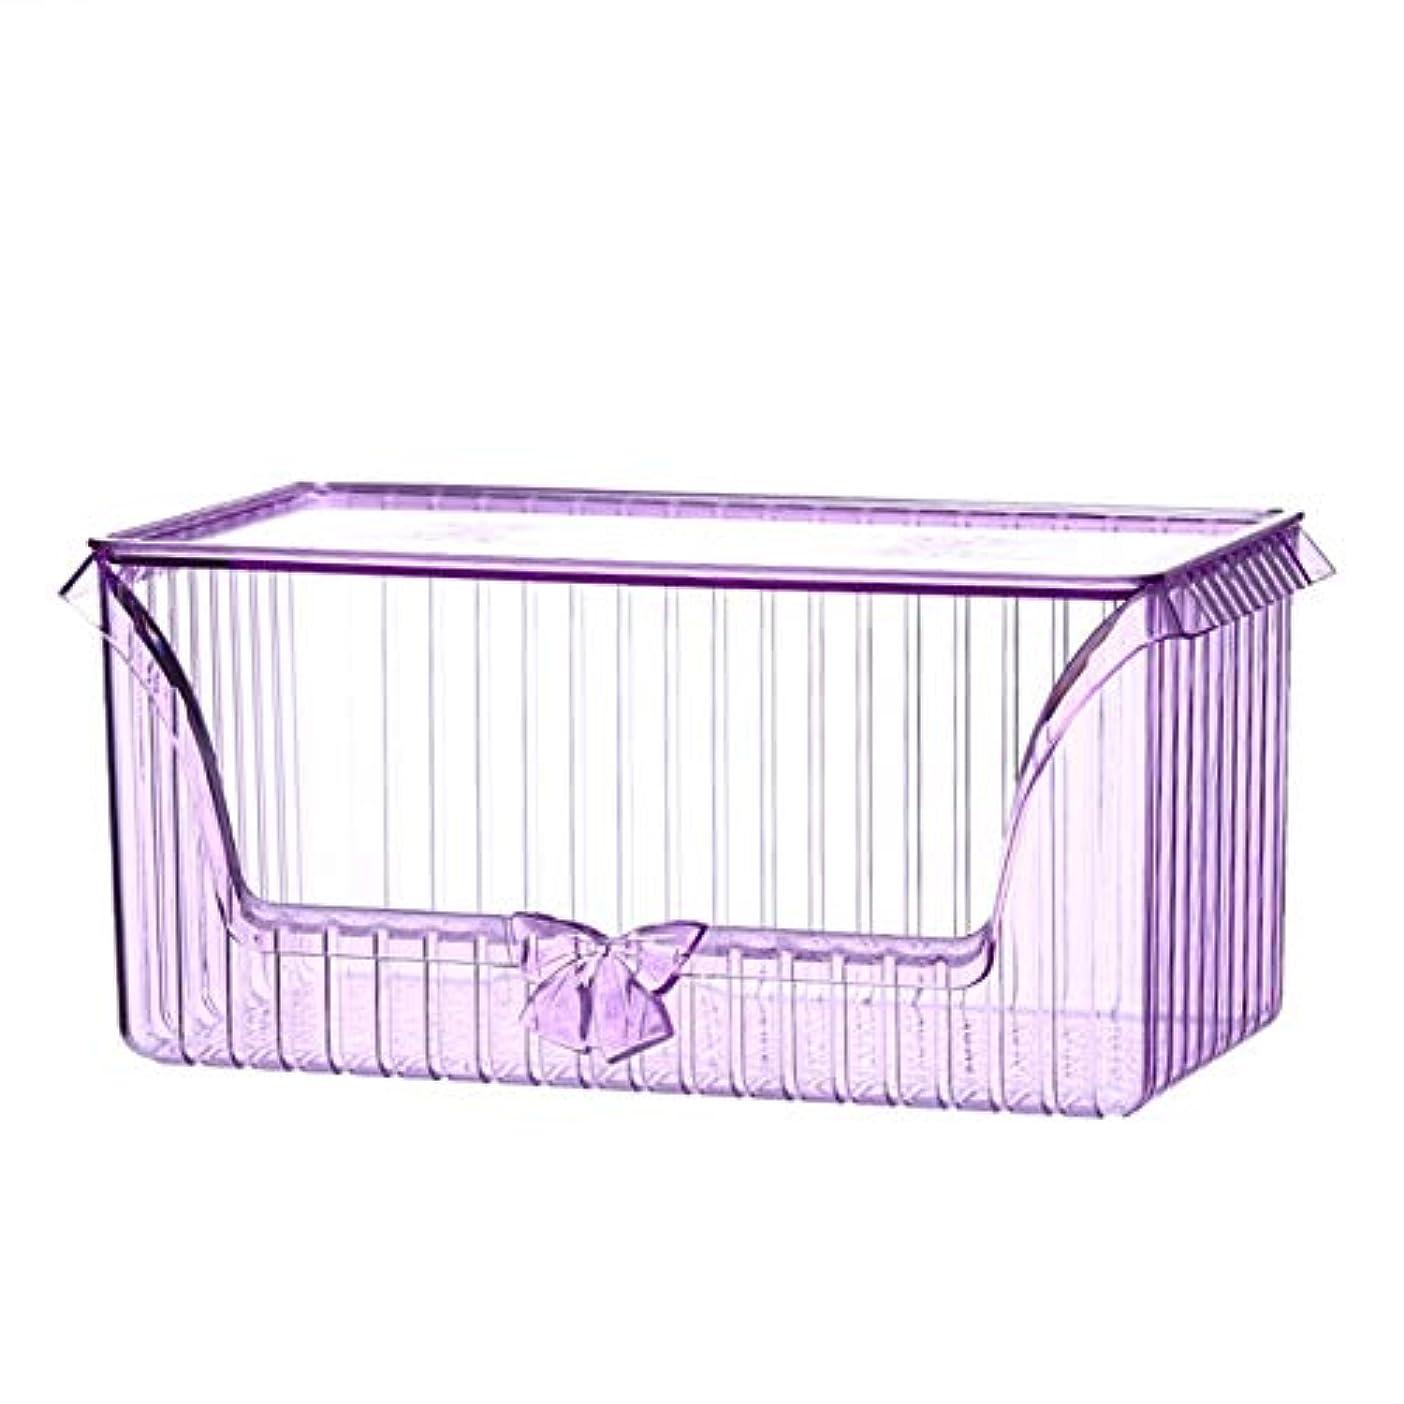 良いアセンブリ麻酔薬整理簡単 ヴィンテージ化粧品オーガナイザー化粧ディスプレイ収納スタンドホルダージュエリー香水口紅ディバイダーコンテナ引き出し付き大容量ドレッサー寝室の浴室 (色 : 紫の)